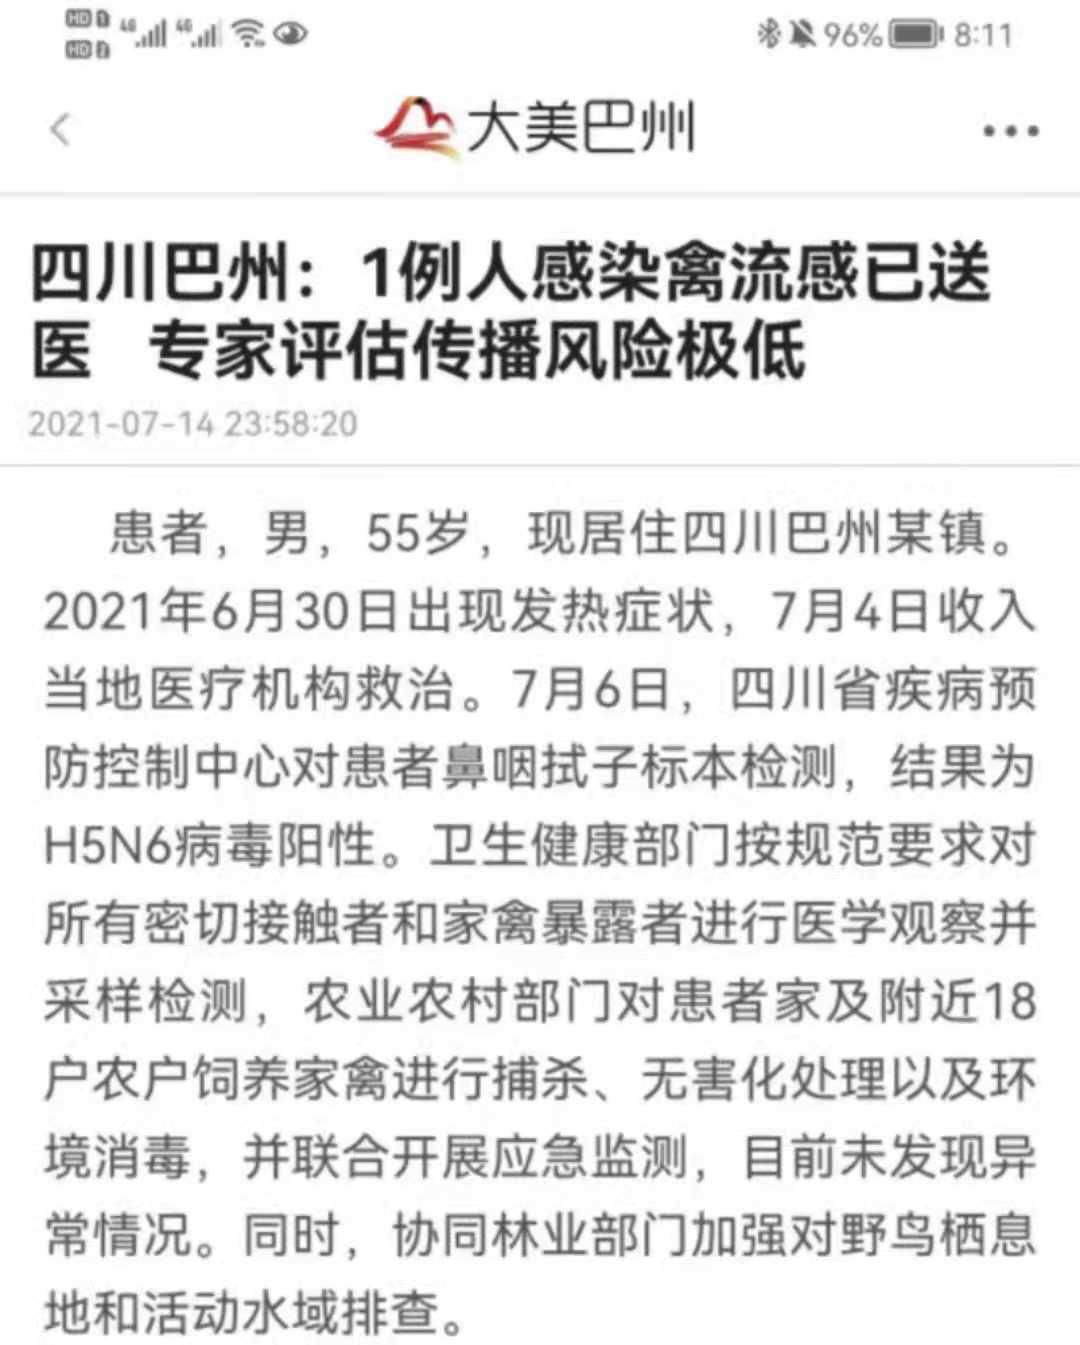 四川巴州:1例人感染禽流感已送医 专家评估传播风险极低